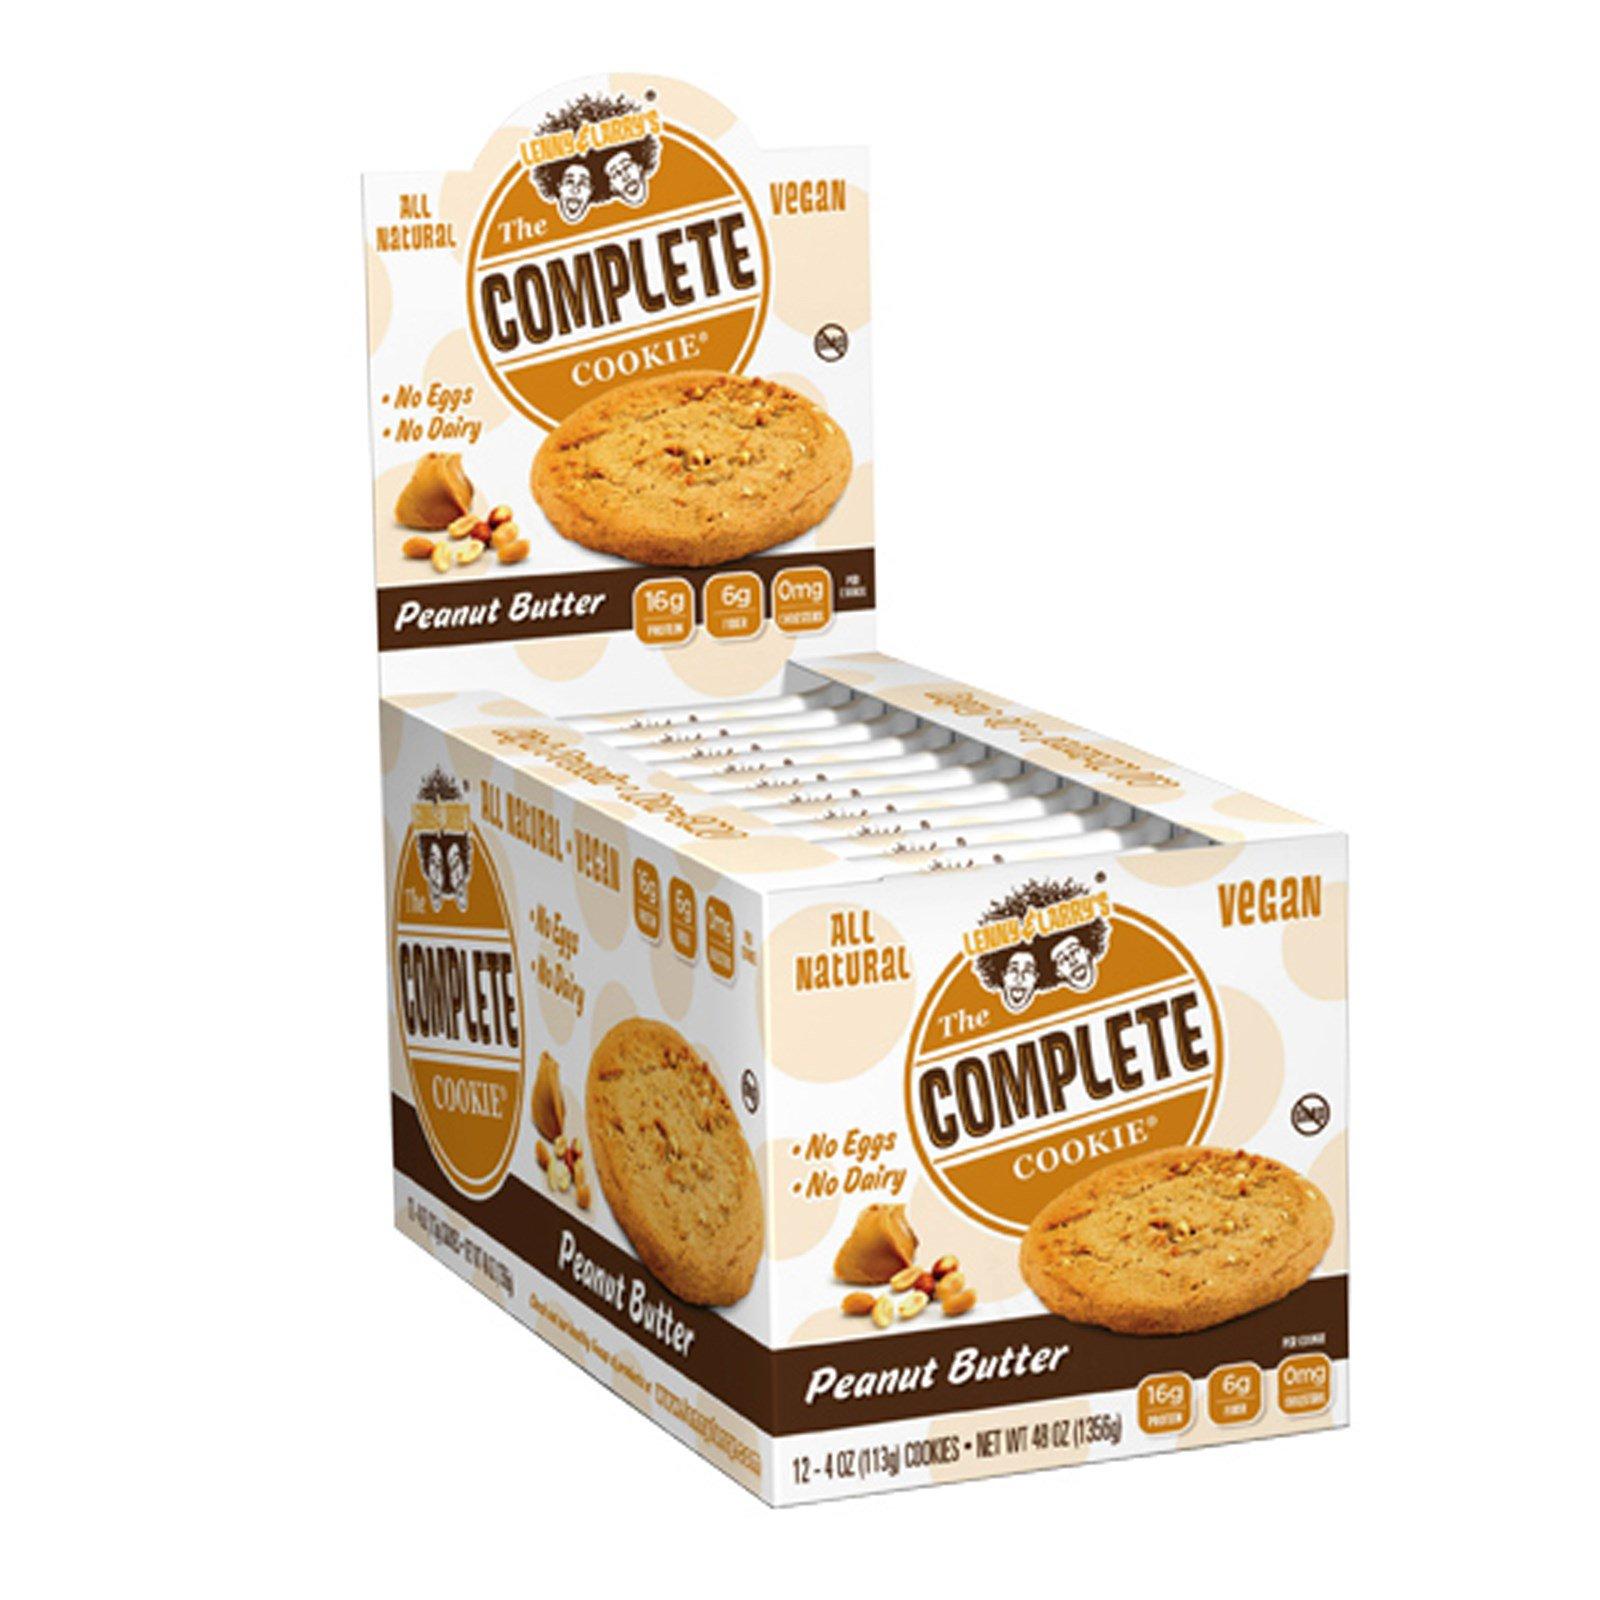 Lenny & Larry's, Complete Cookie, с арахисовым маслом, 12 печений, 4 унции (113 гр)